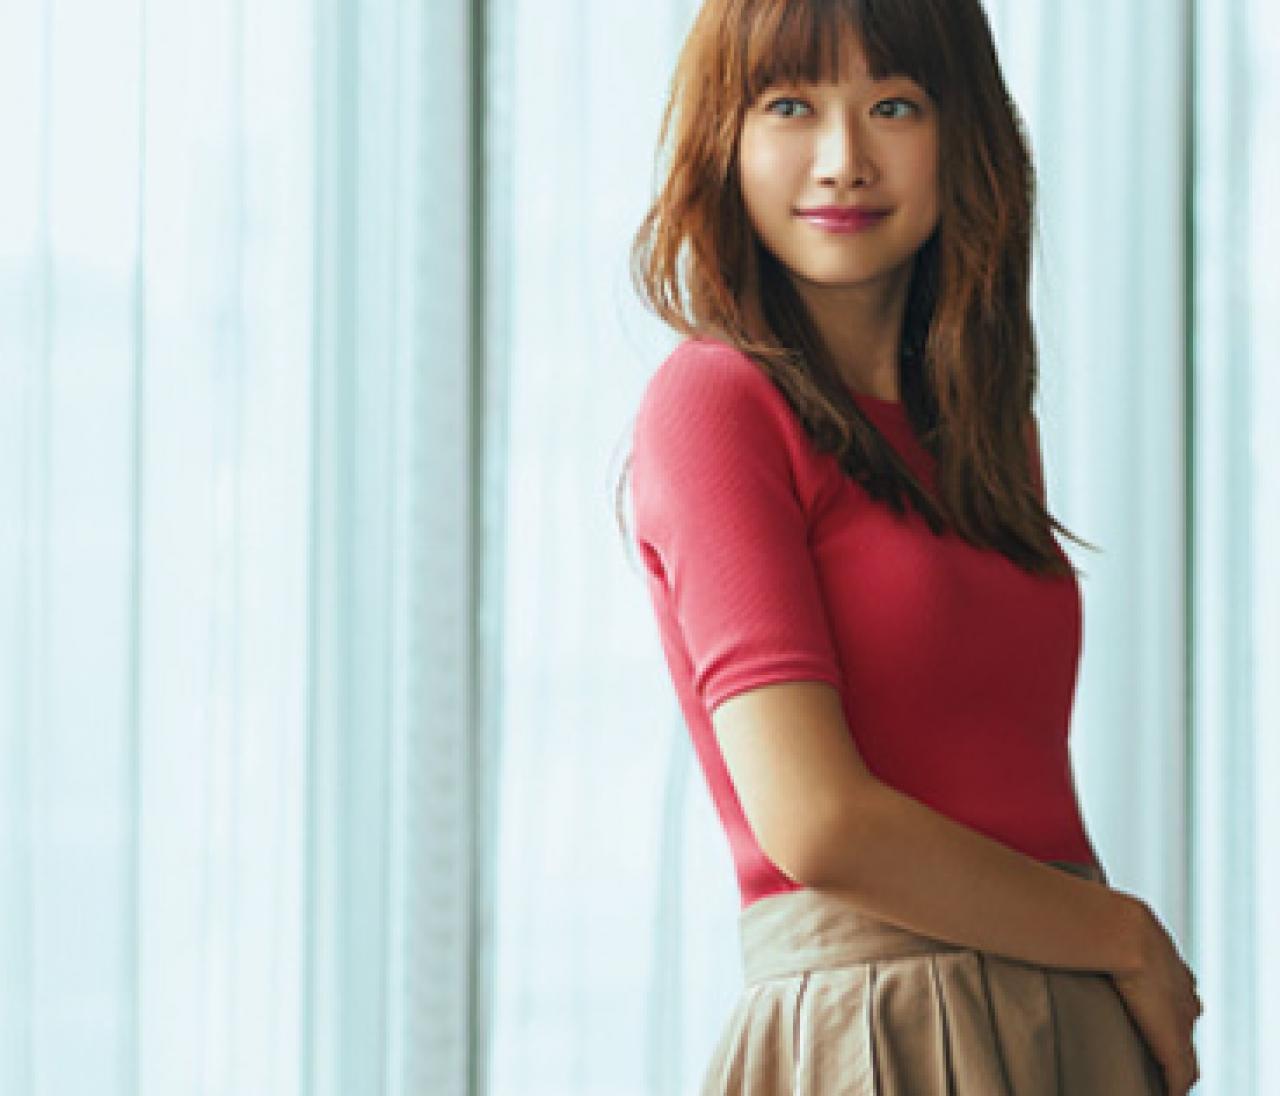 「ぱっと見おしゃれ」印象UP♡【カラフル服&小物】10選